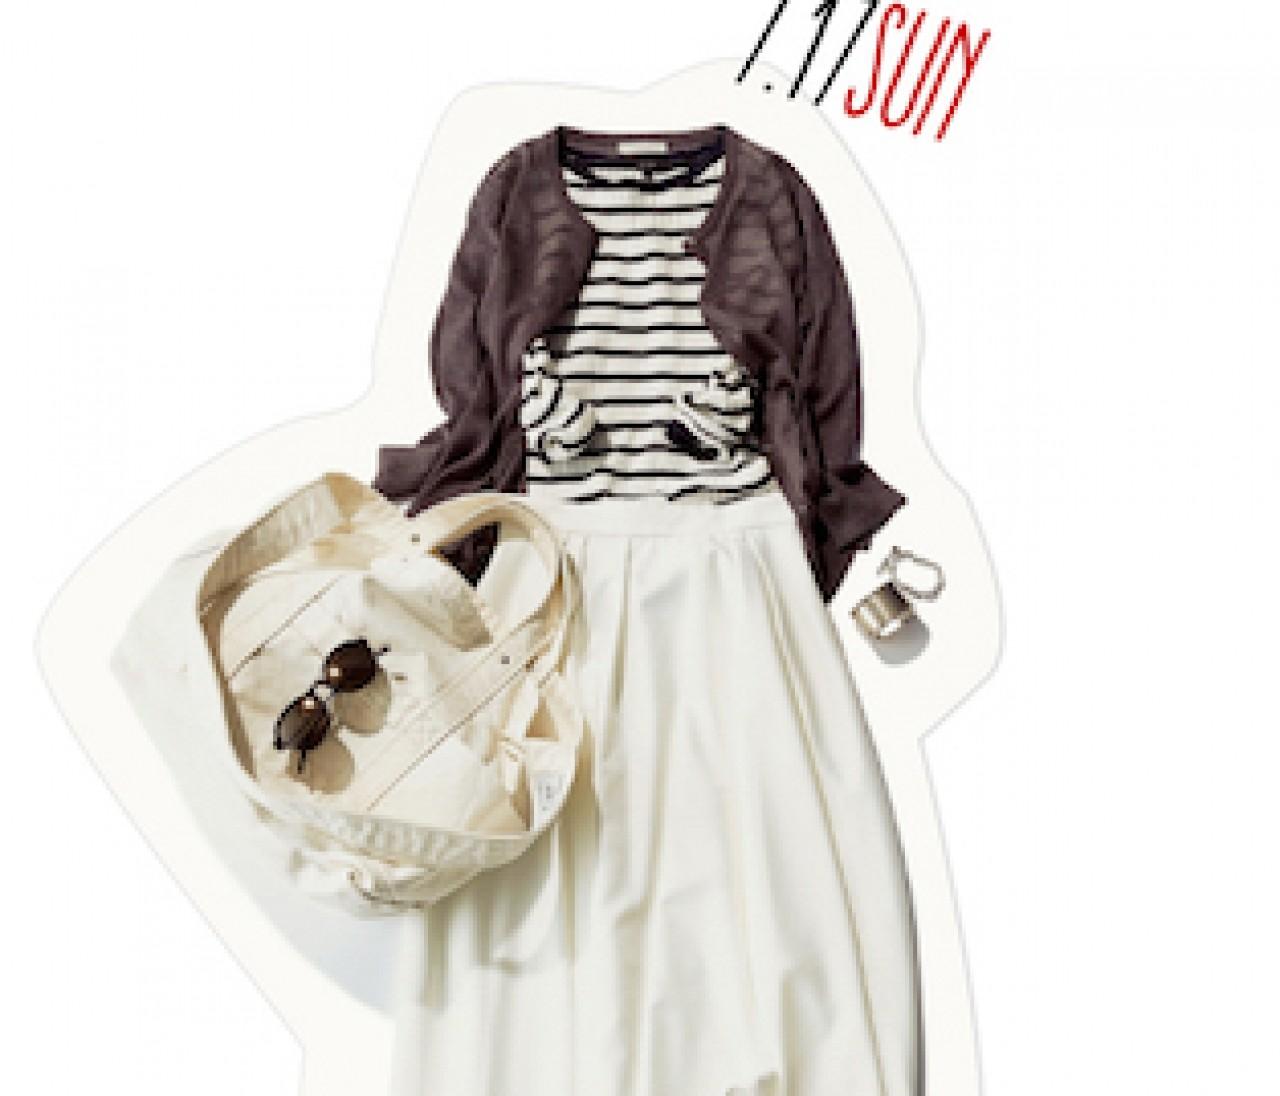 肌見せせずとも涼しげ! 揺れるふんわりスカートを、夏の休日に大人っぽく着こなす秘訣♡